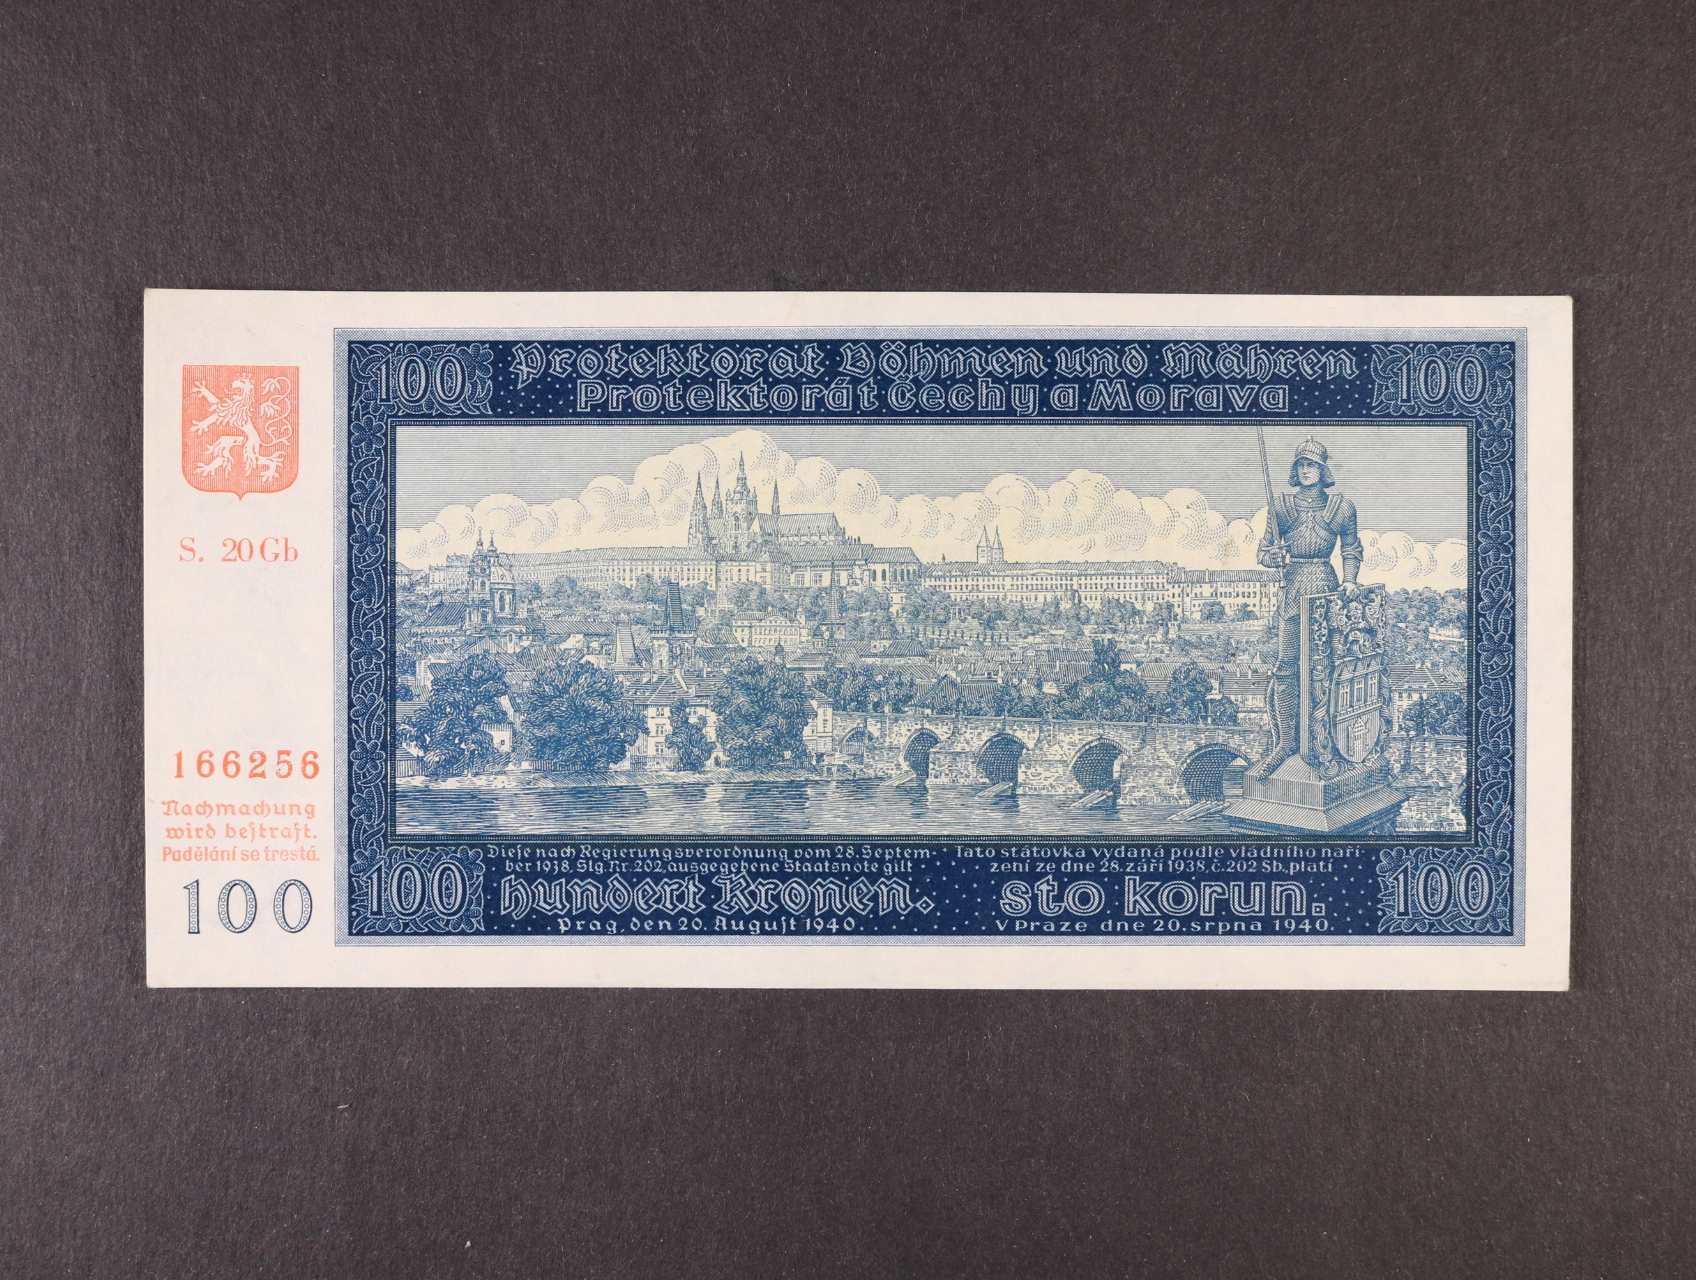 100 K 20.8.1940 II.vydání série 20 Gb, Ba. 33b, Pi. 7